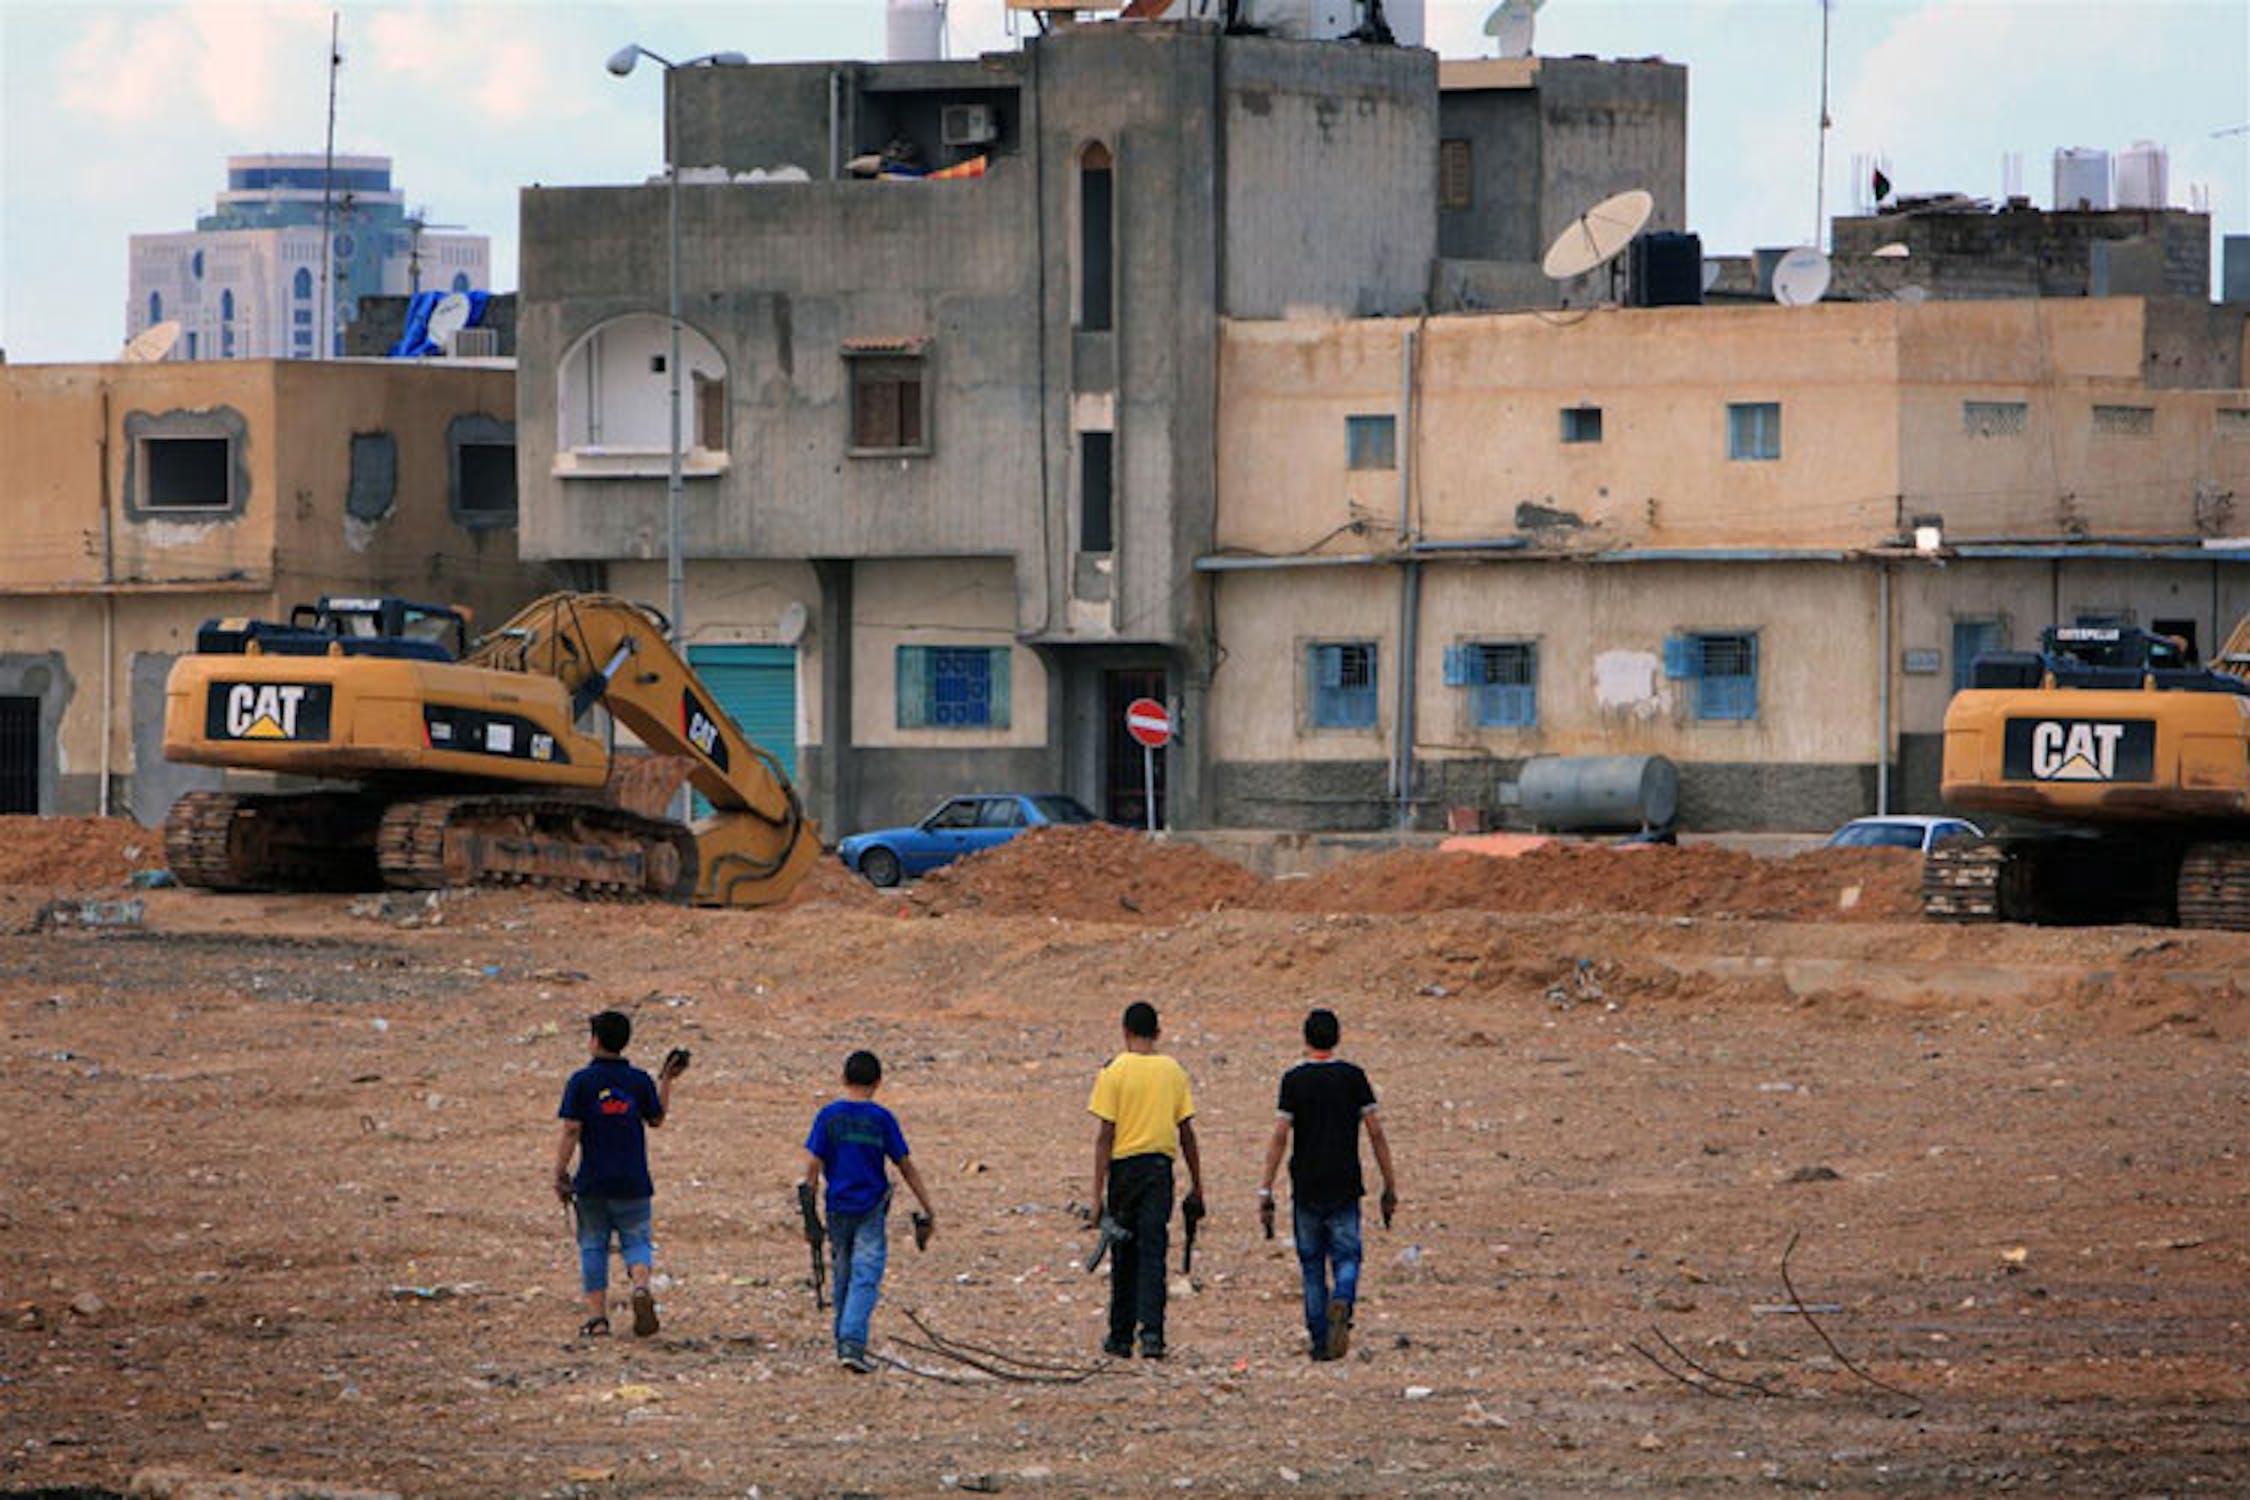 Ragazzi esplorano quello che resta di un deposito di munizioni bombardato dalla NATO a Tripoli, capitale della Libia - ©UNICEF/NYHQ2011-1546/G.Diffidenti